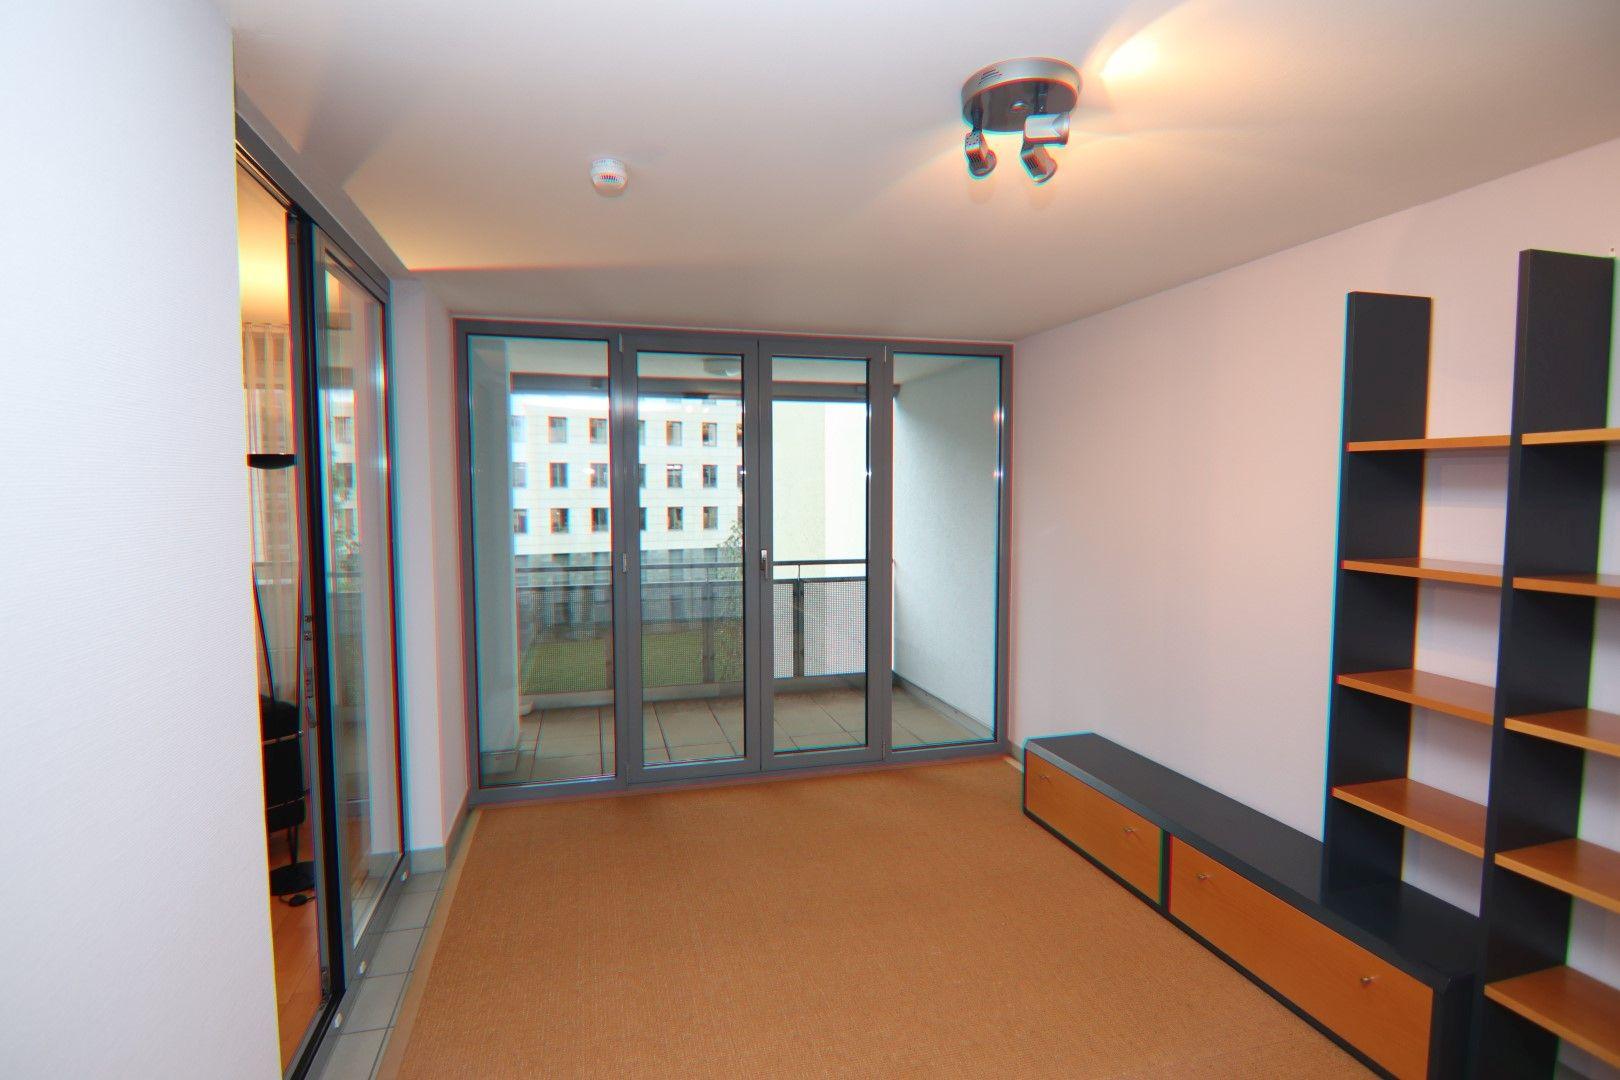 Immobilie Nr.0280 - 2-RAUM-WOHNUNG mit Wintergarten, Stellplatz und Einbauküche  - Bild 4.jpg